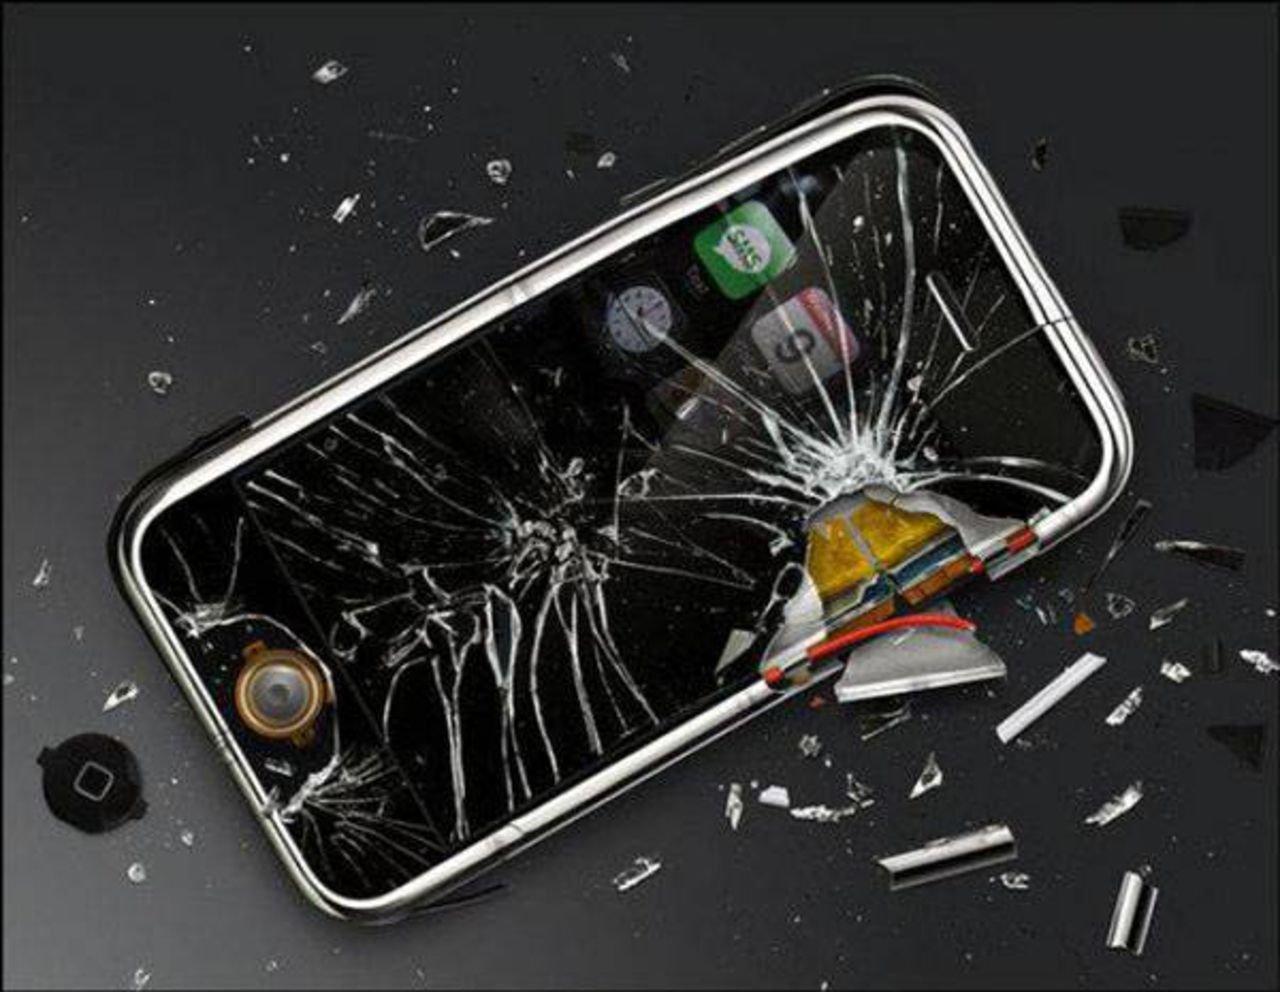 Мобильные телефоны впервую очередь ломаются из-за поломки микросхем— специалисты